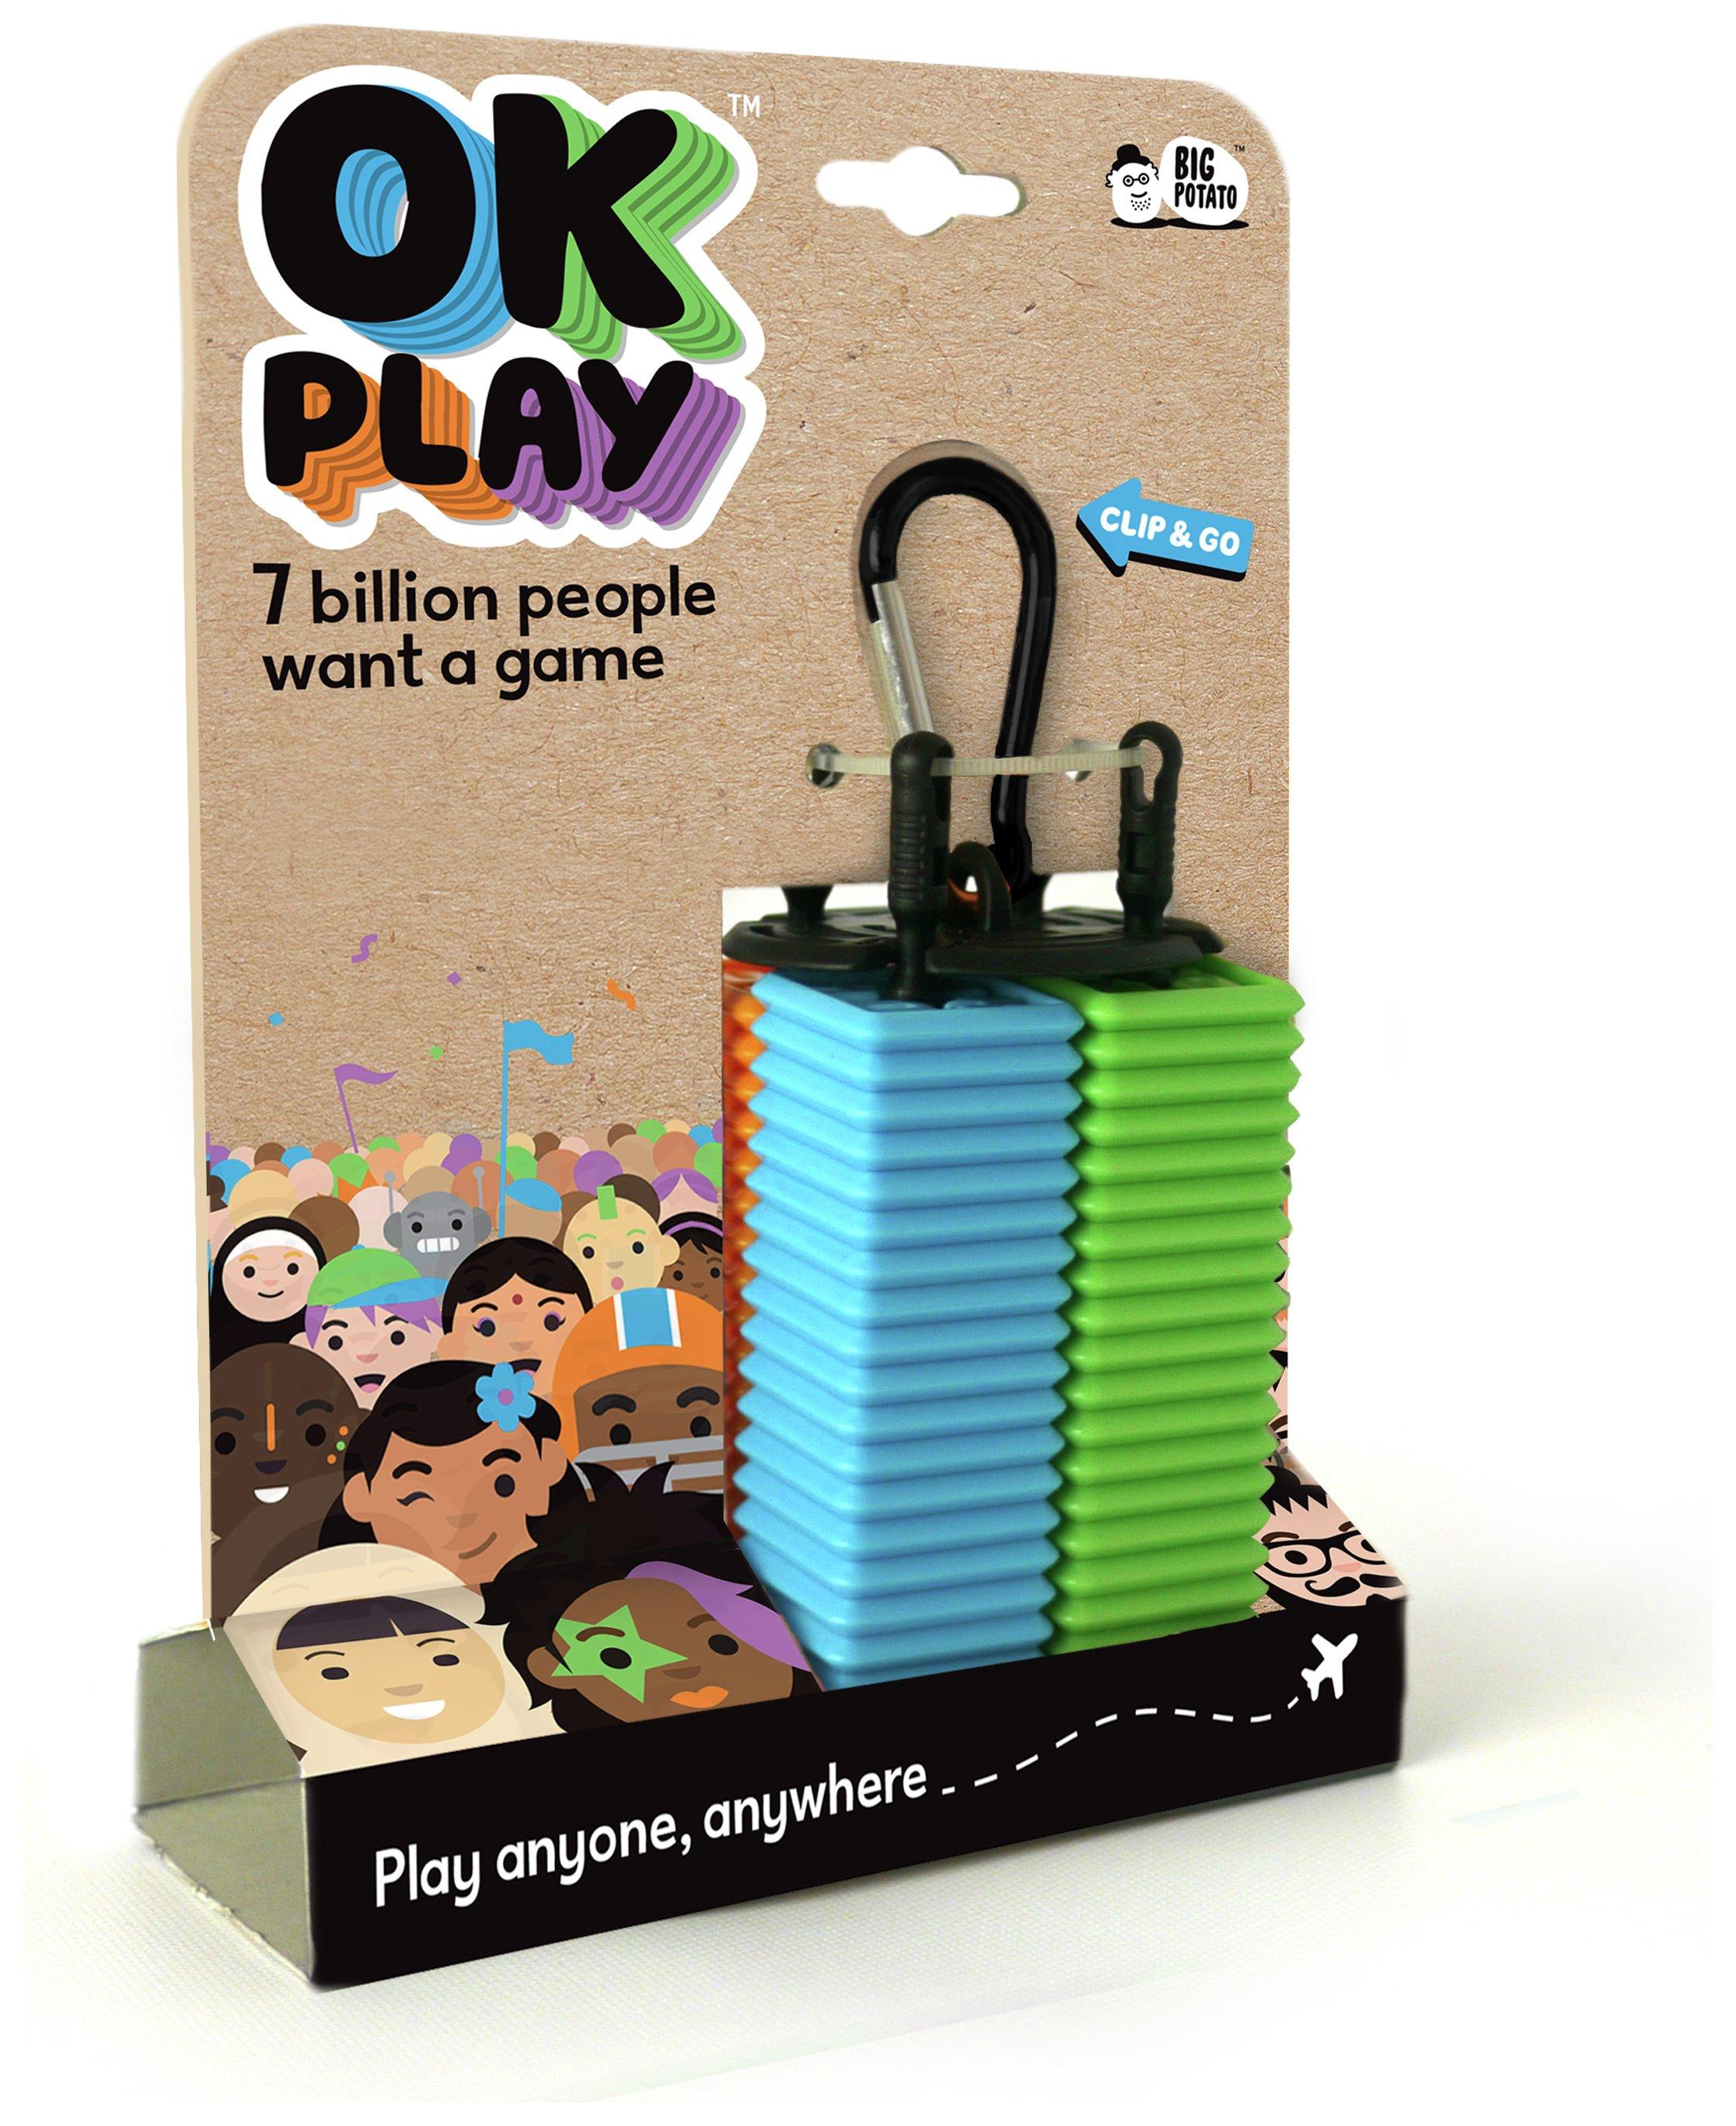 Image of Big Potato - OK Play Game.